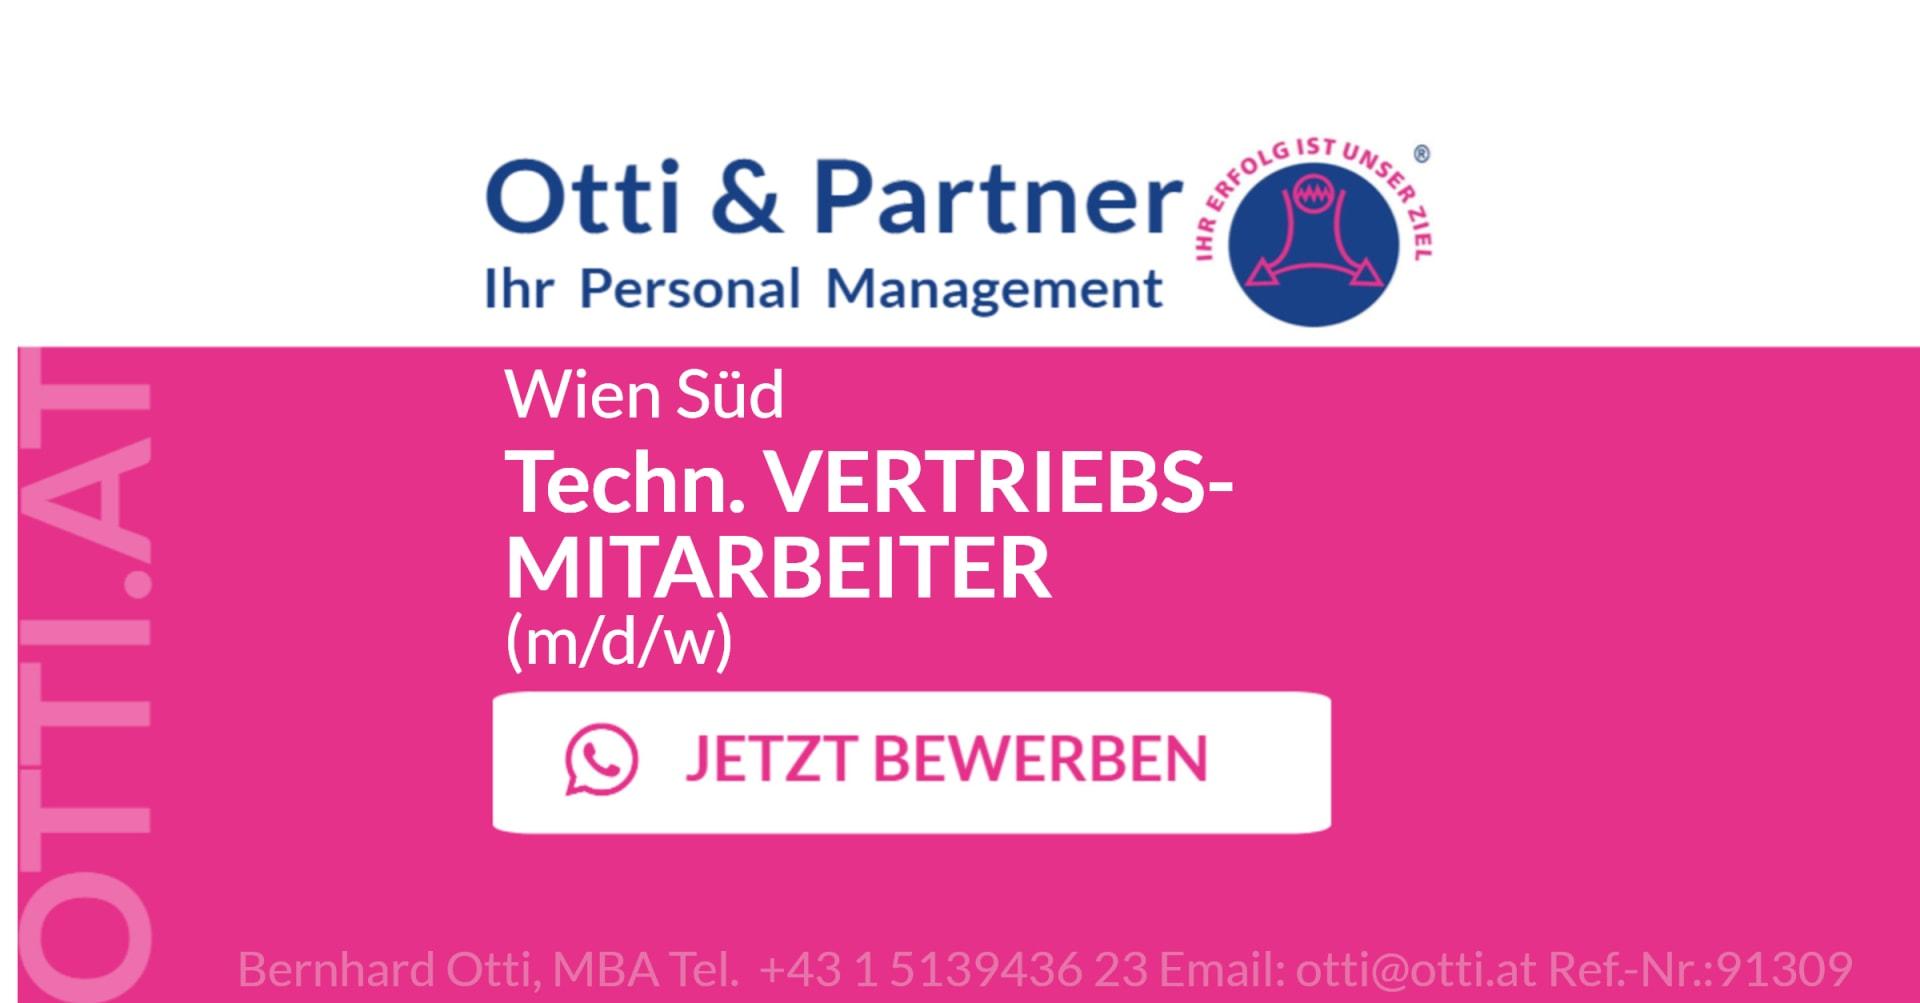 Wien Süd: Technischer VERTRIEBSMITARBEITER (m/d/w) zur Betreuung zahlreicher Kunden der Schienenfahrzeug-, Pharma-, Chemie- und Lebensmittelindustrie